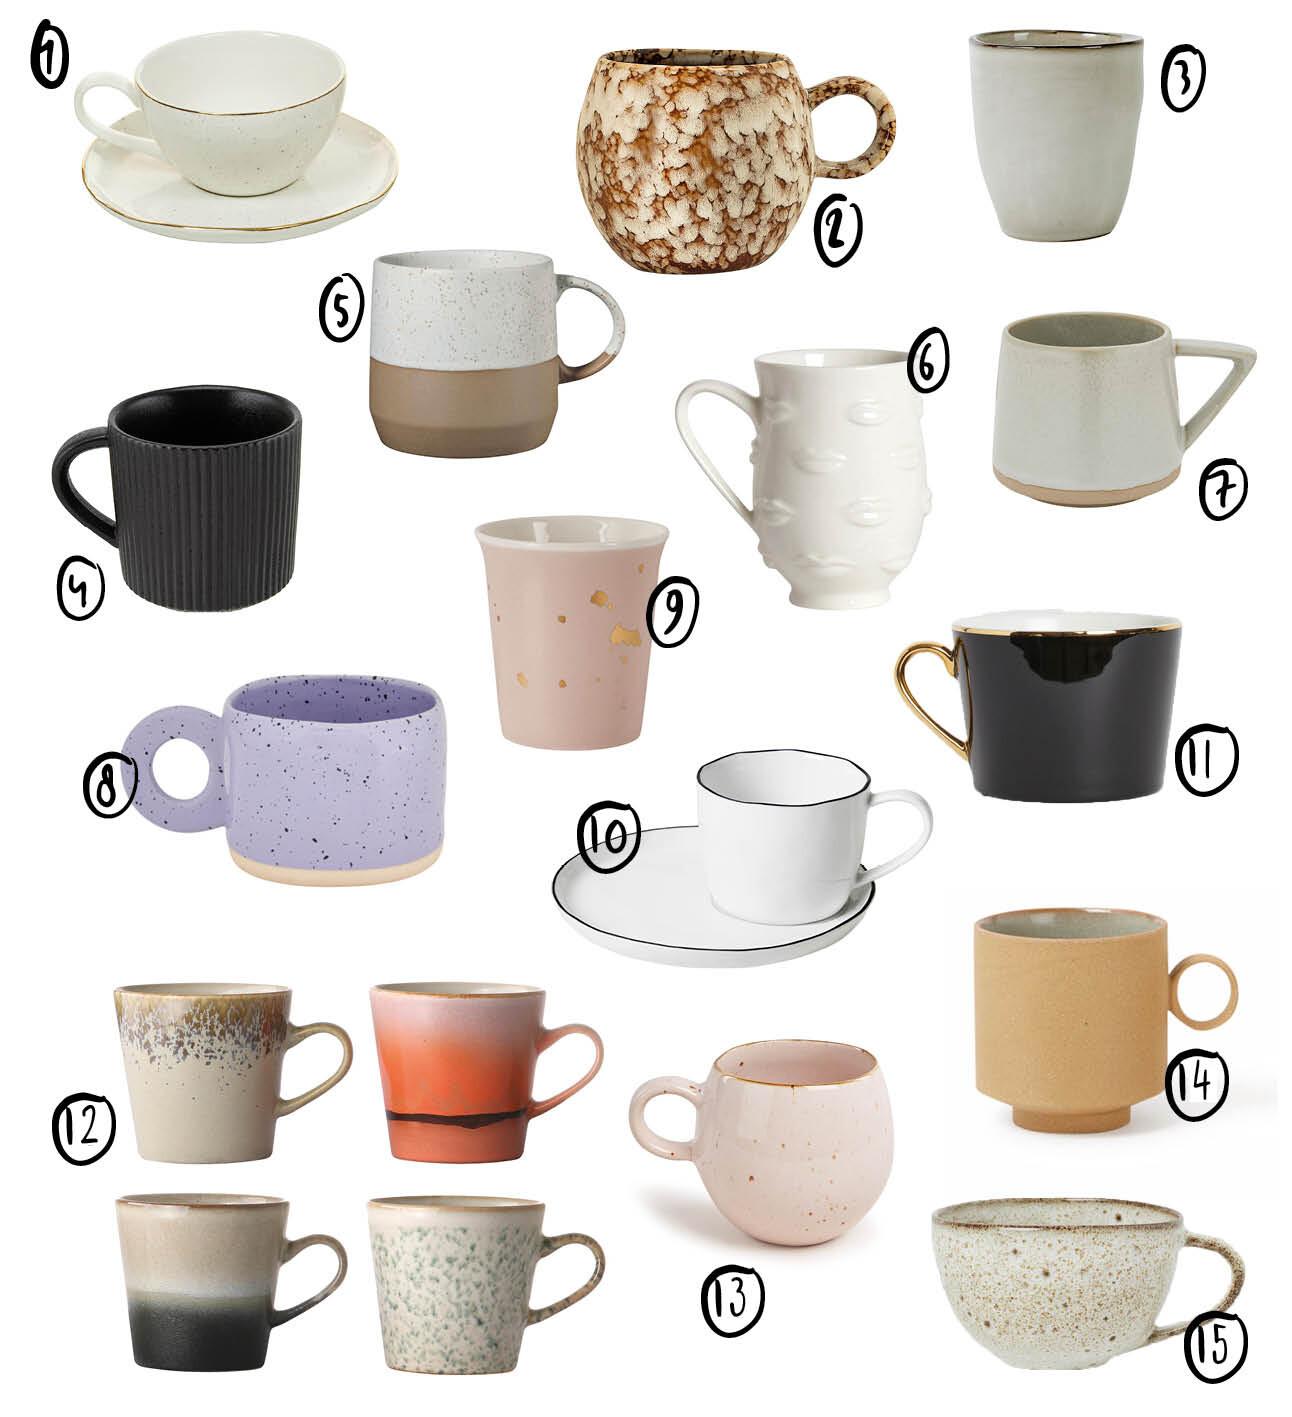 De mooiste koffiemokken om je dag extra goed mee op te starten